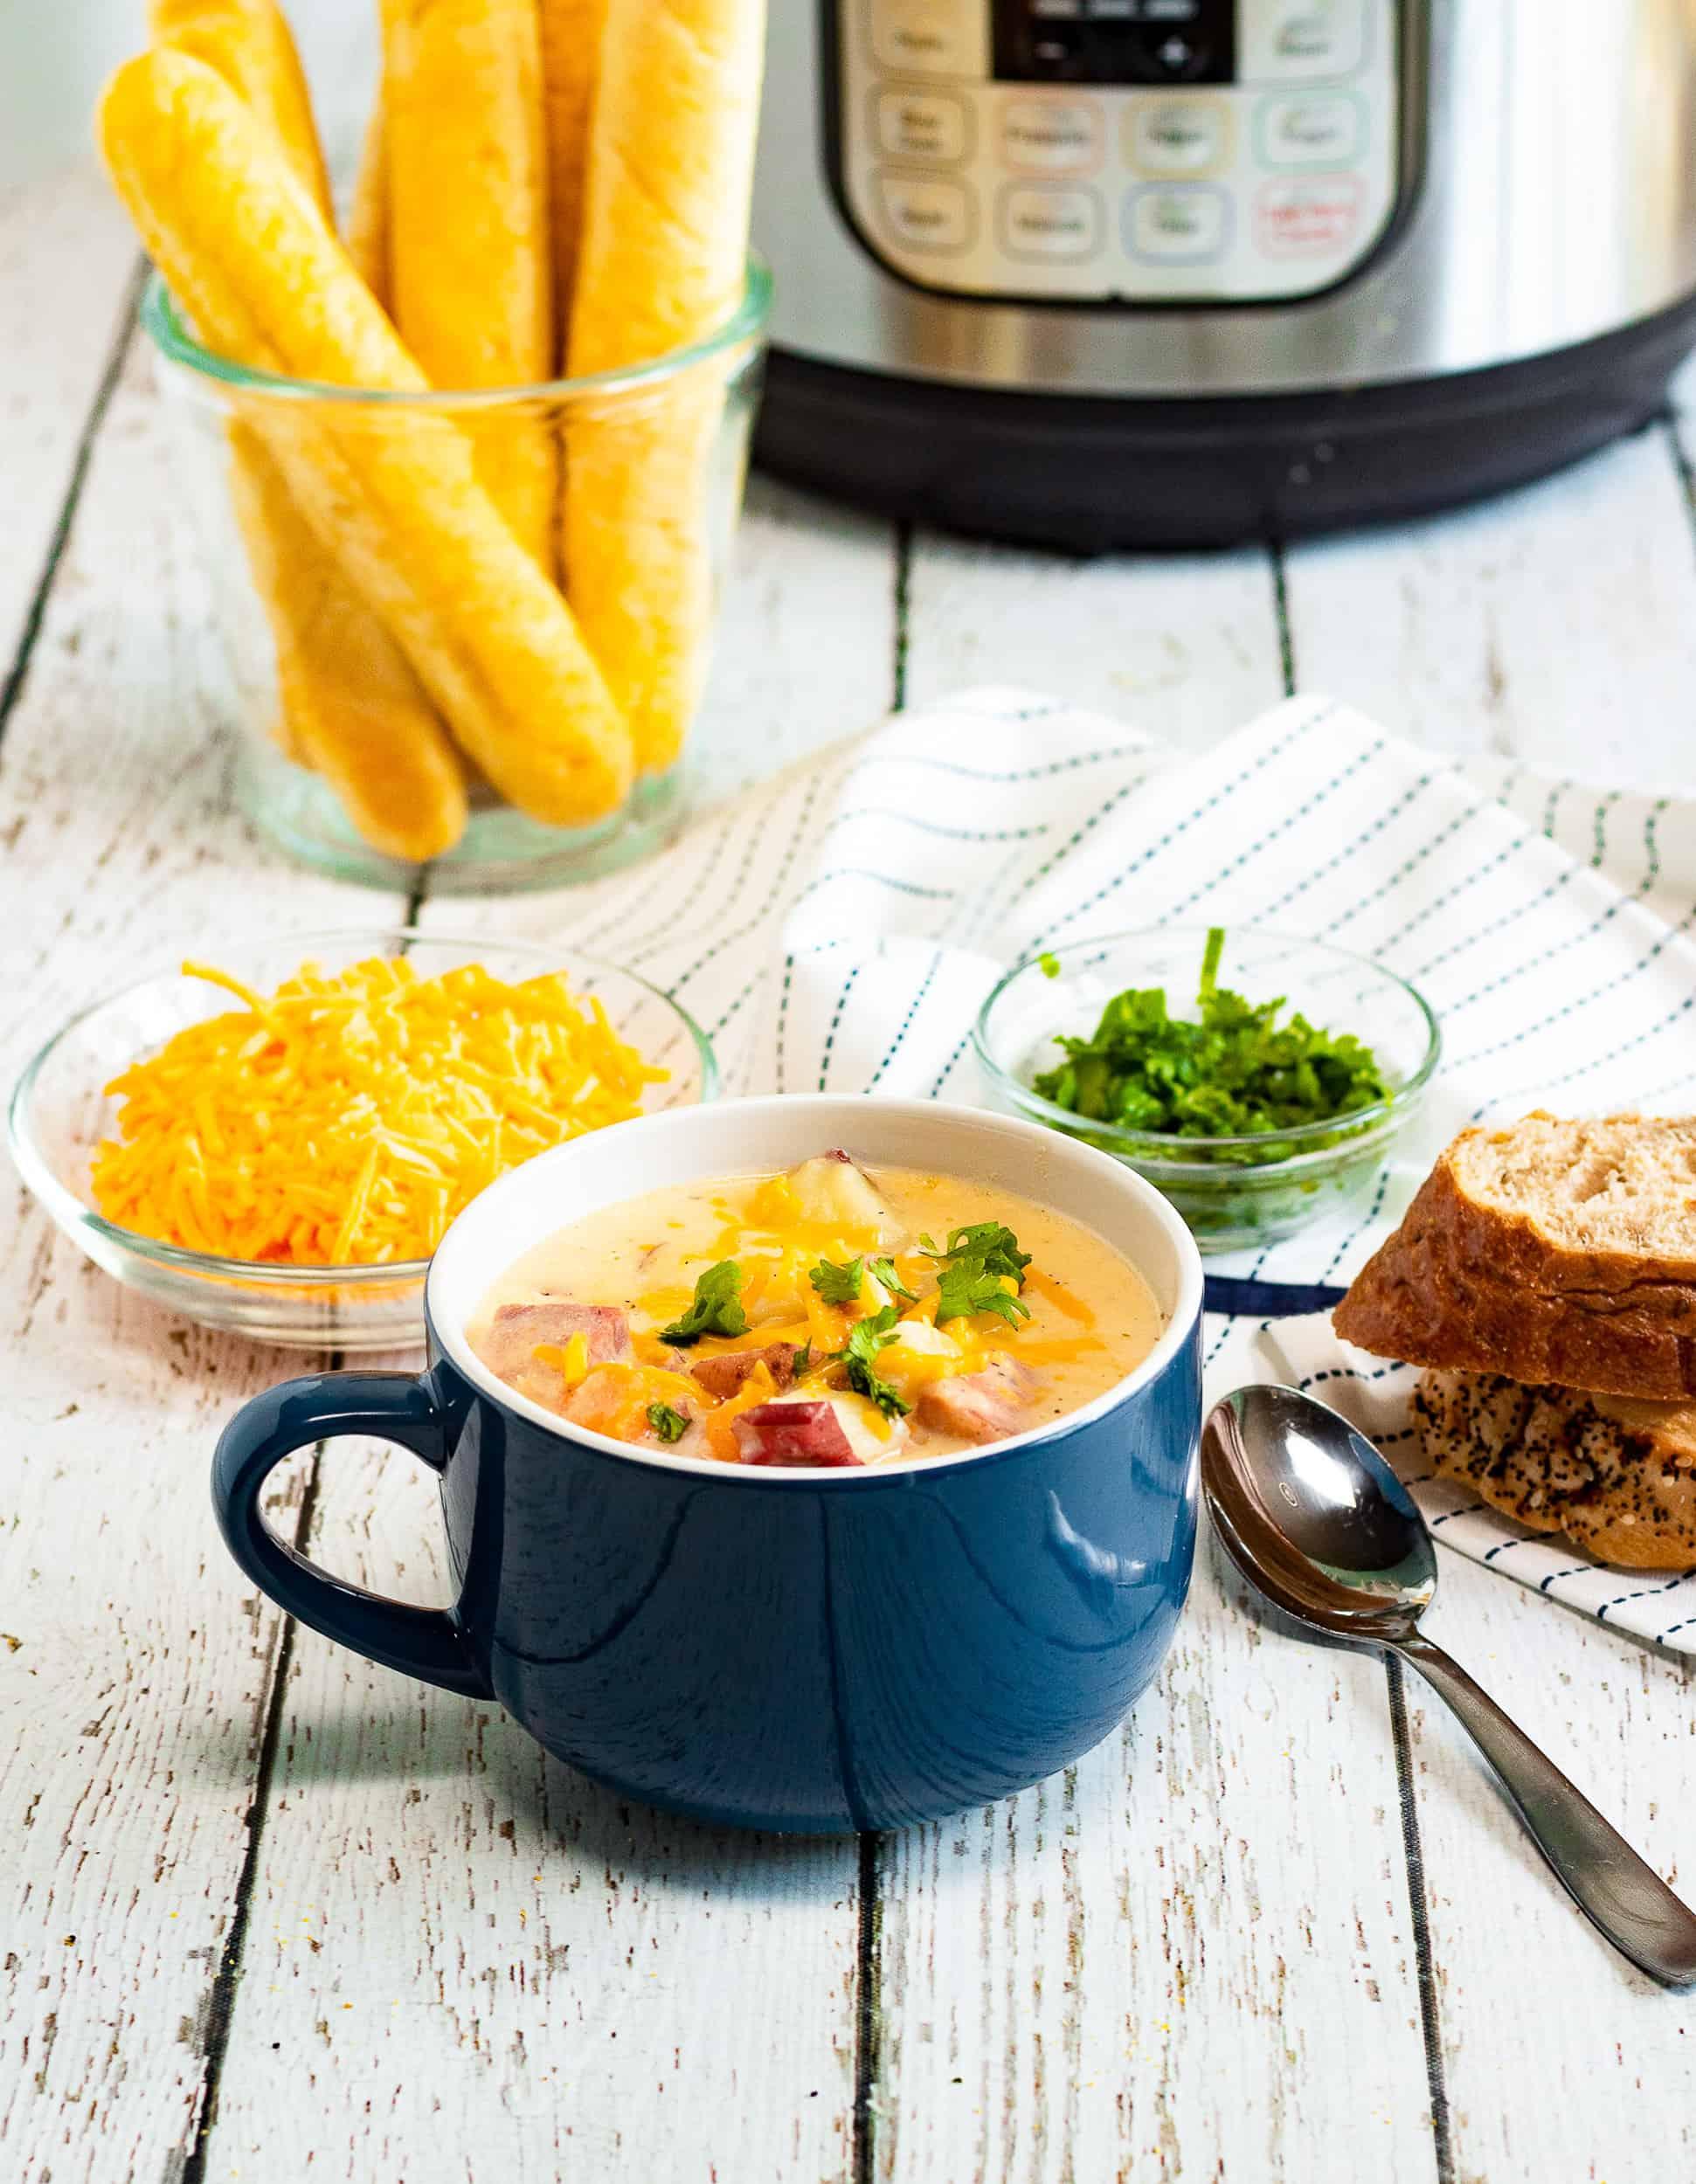 Ham potato soup in a blue soup bowl with a handle